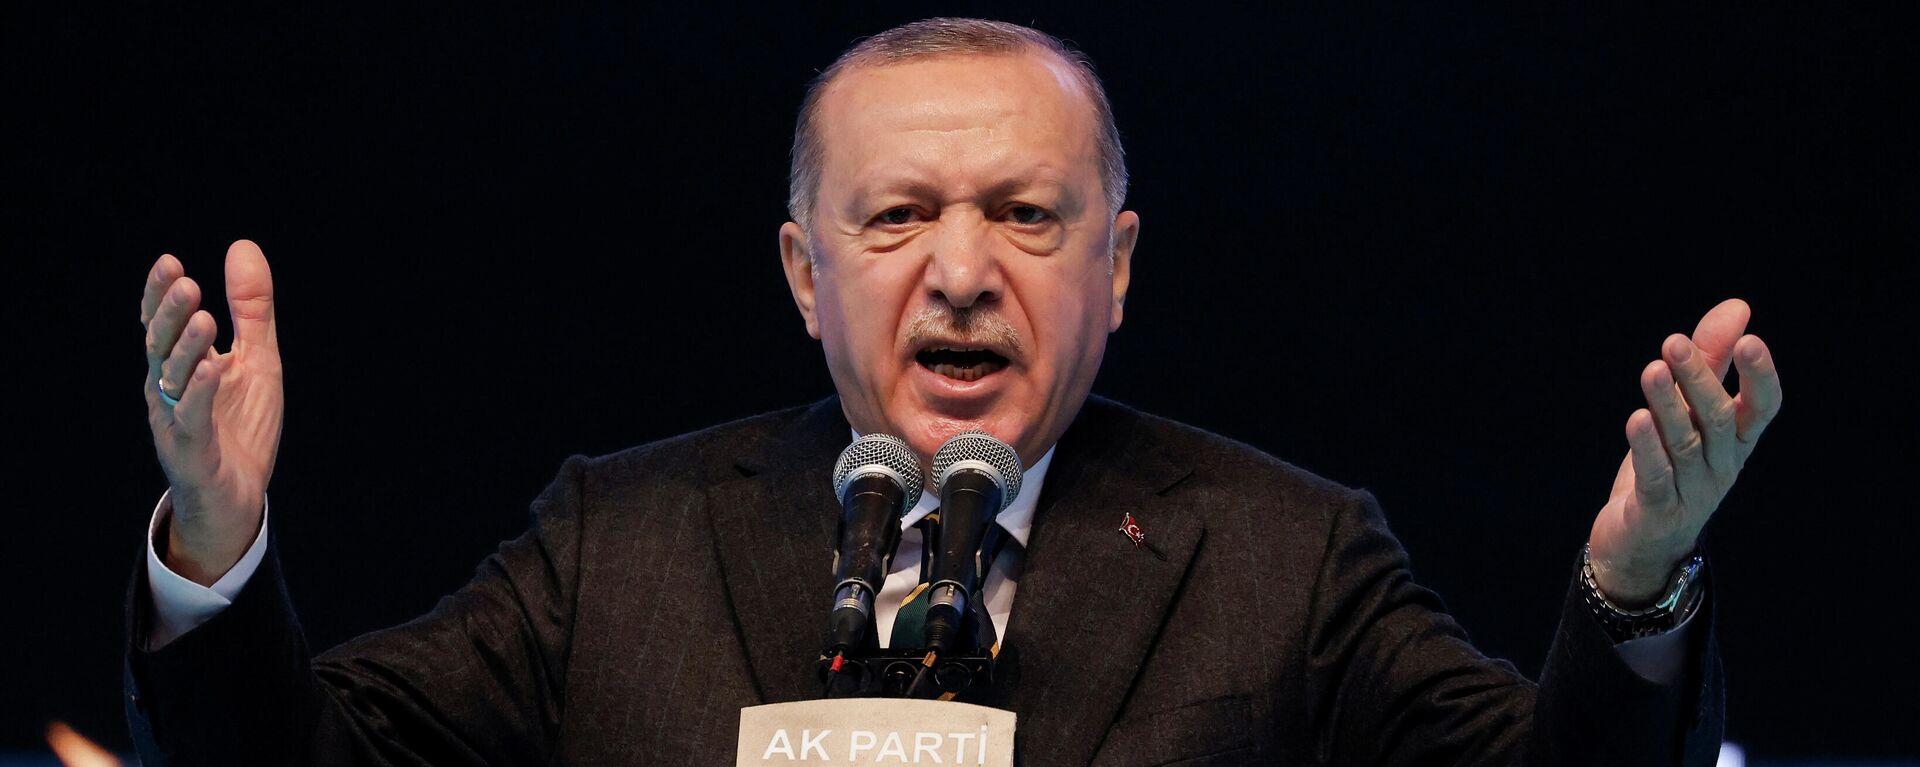 Президент Турции Реджеп Тайип Эрдоган - Sputnik Узбекистан, 1920, 13.04.2021